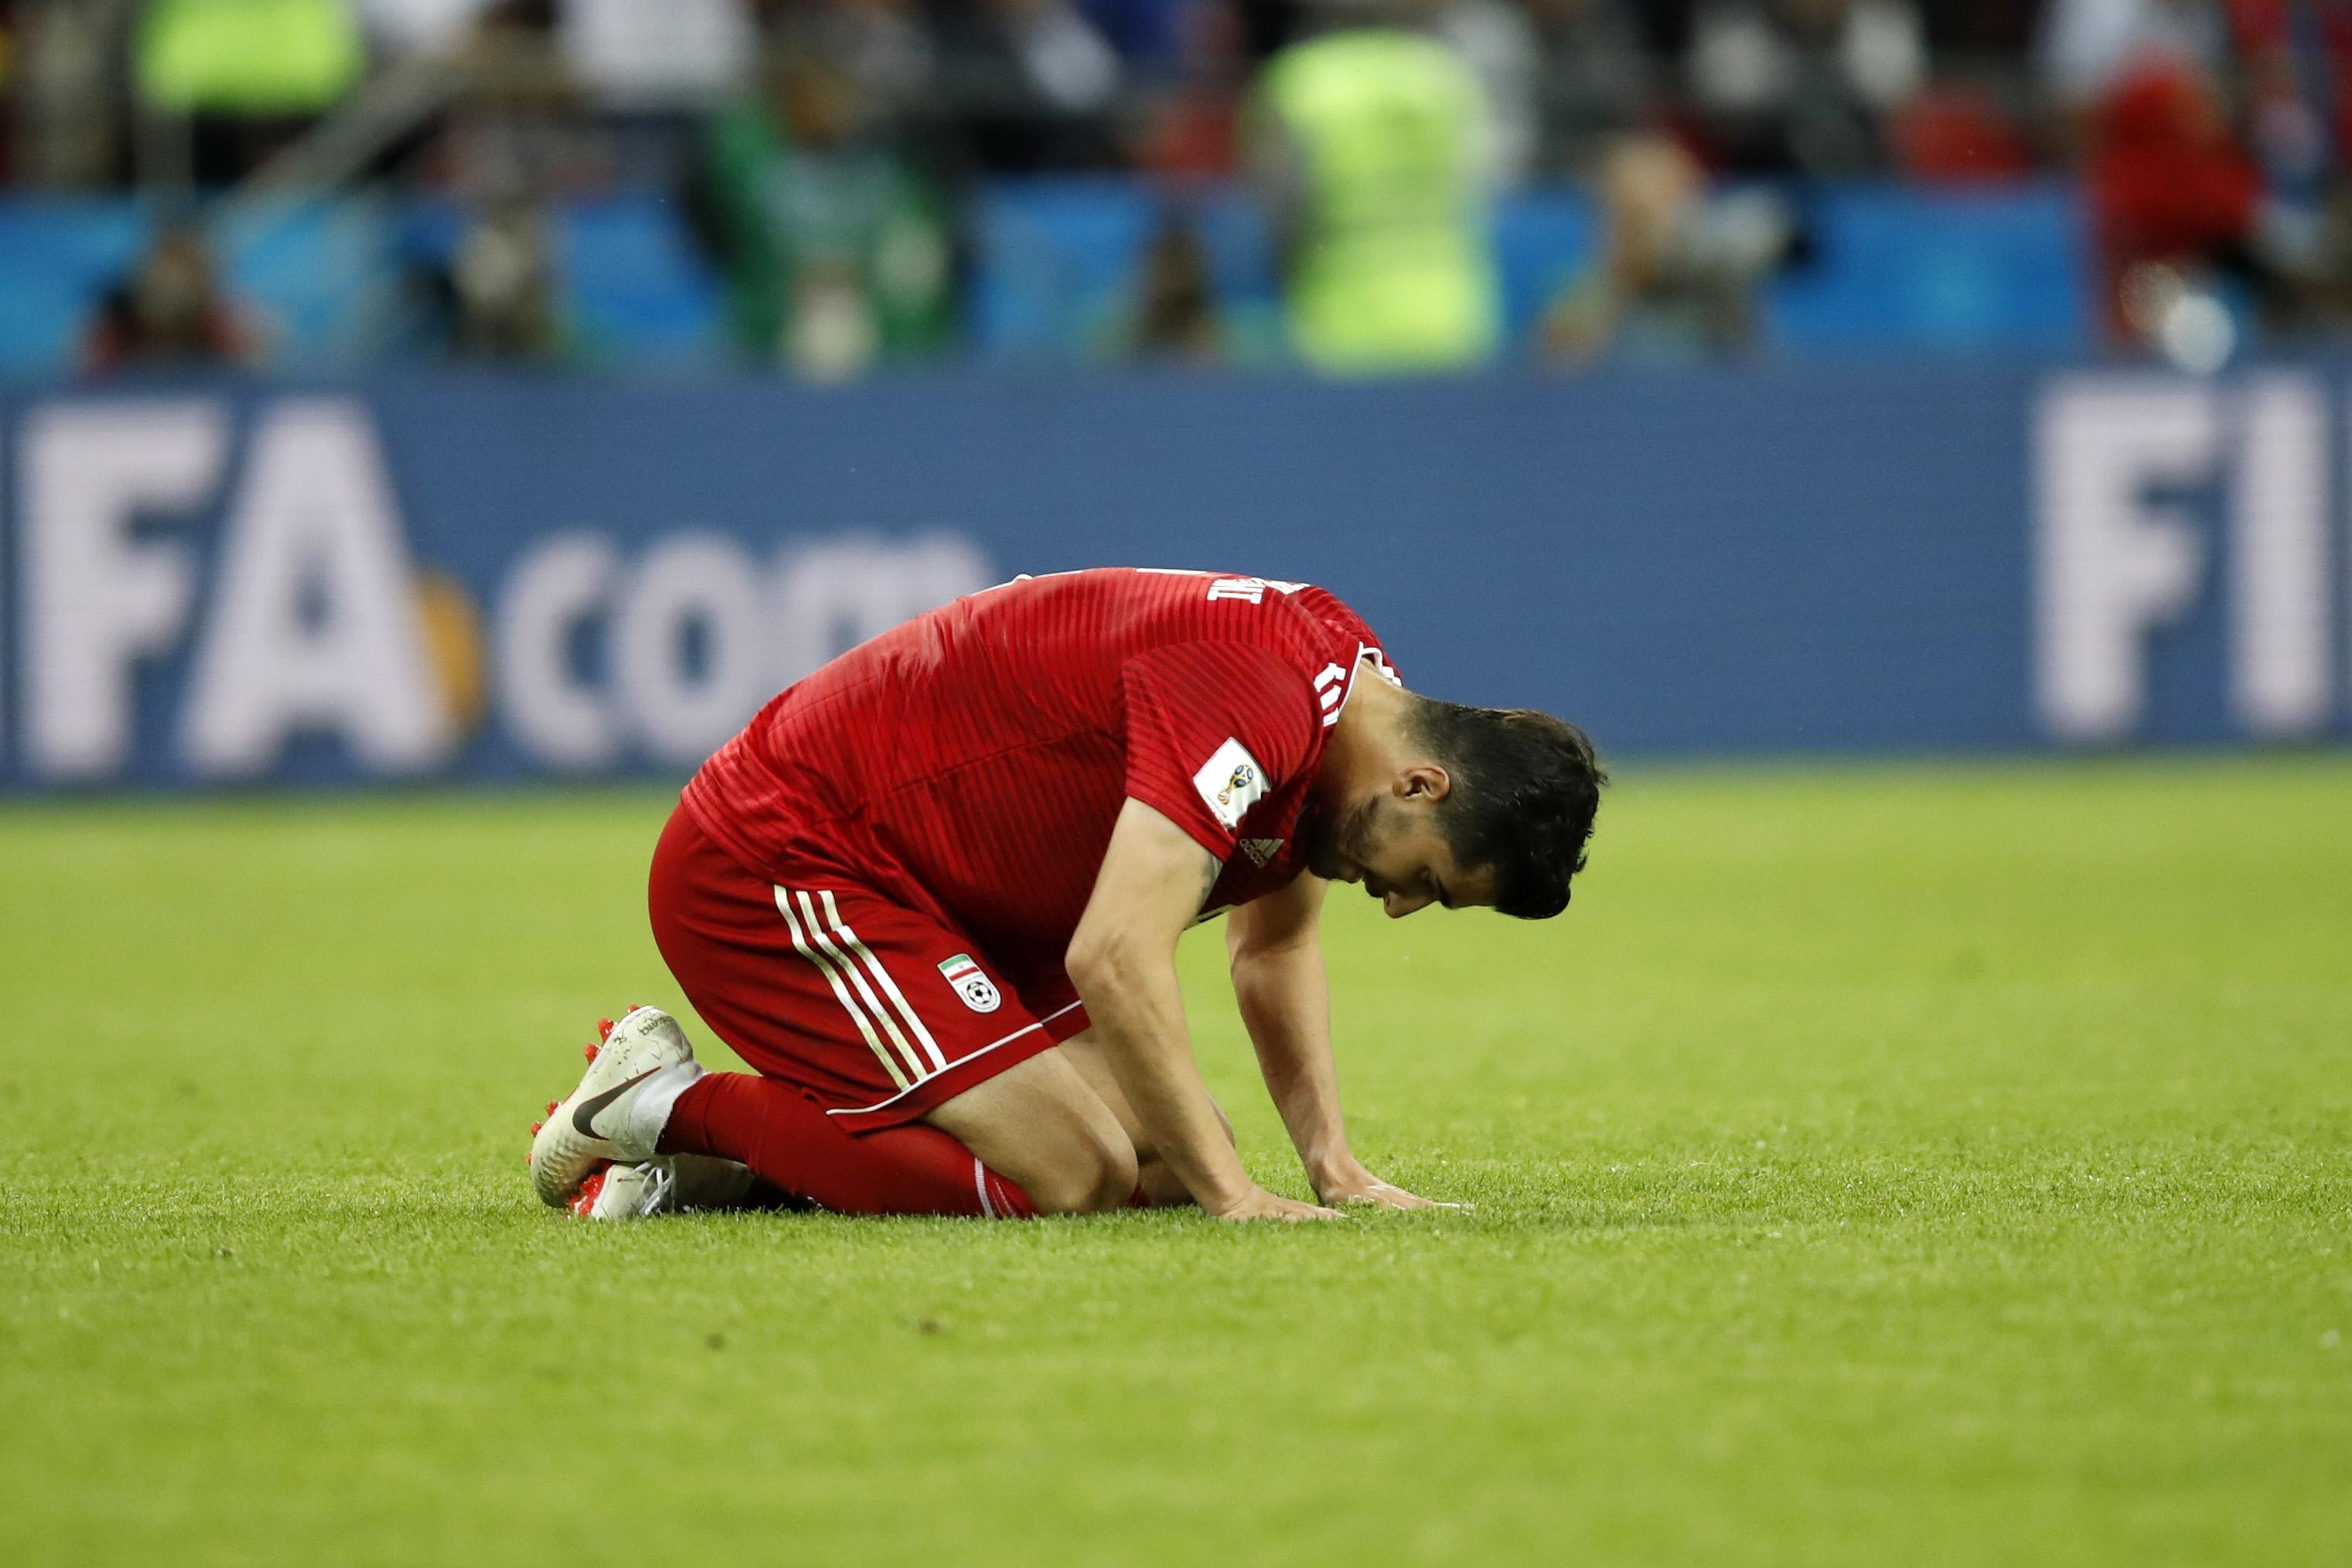 Халфът на Иран Сайд Езатолахи беше изключително разстроен след загубата